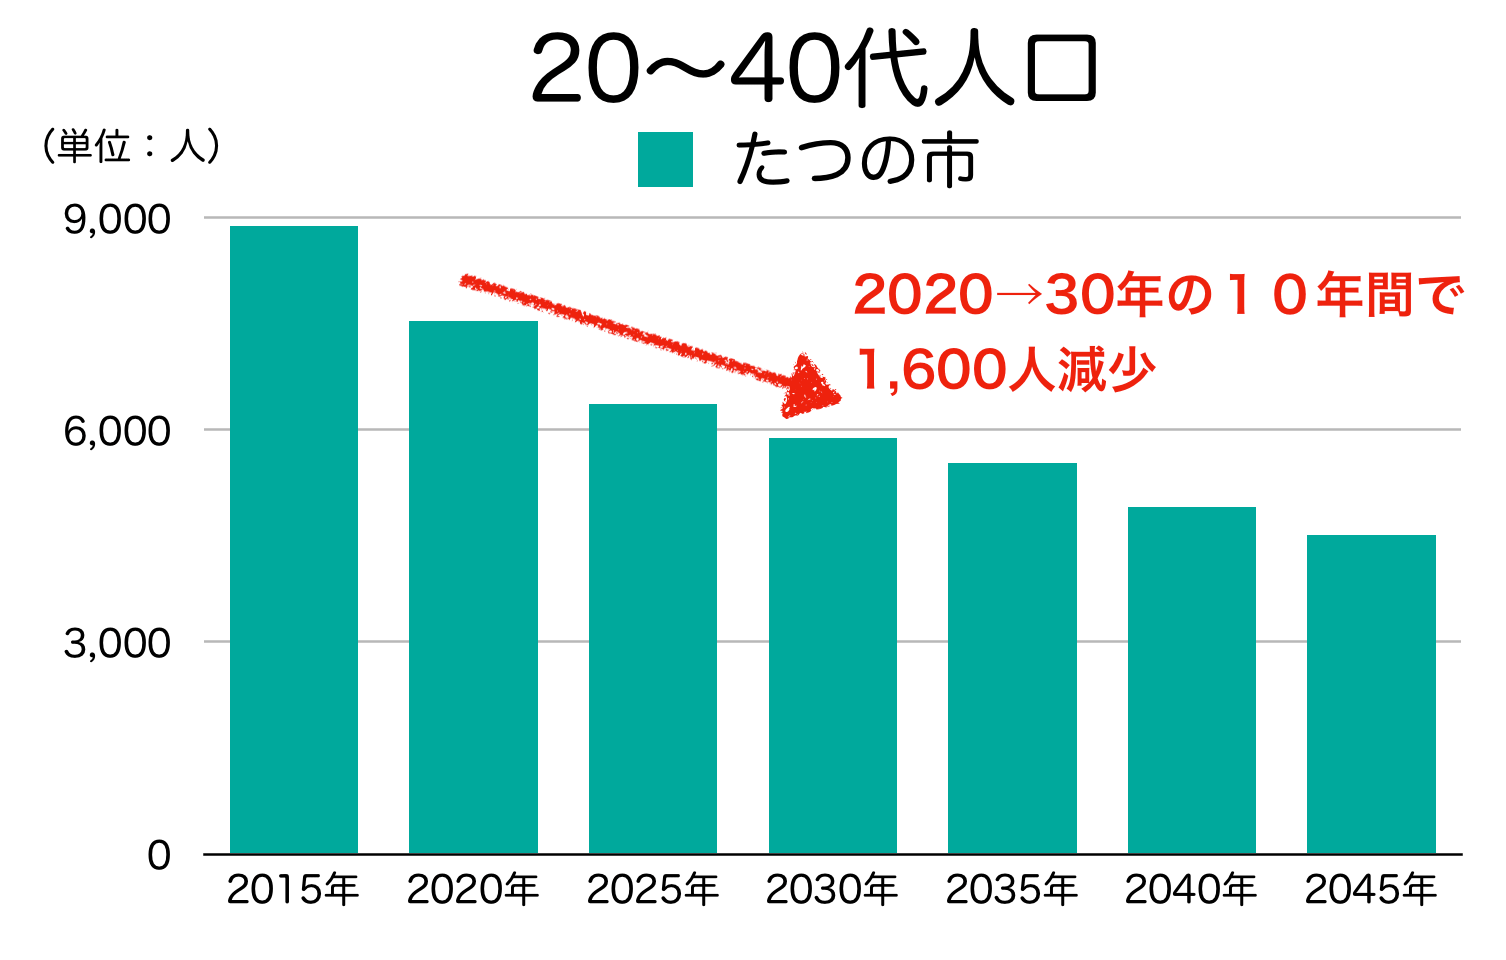 たつの市の20〜40代人口の予測